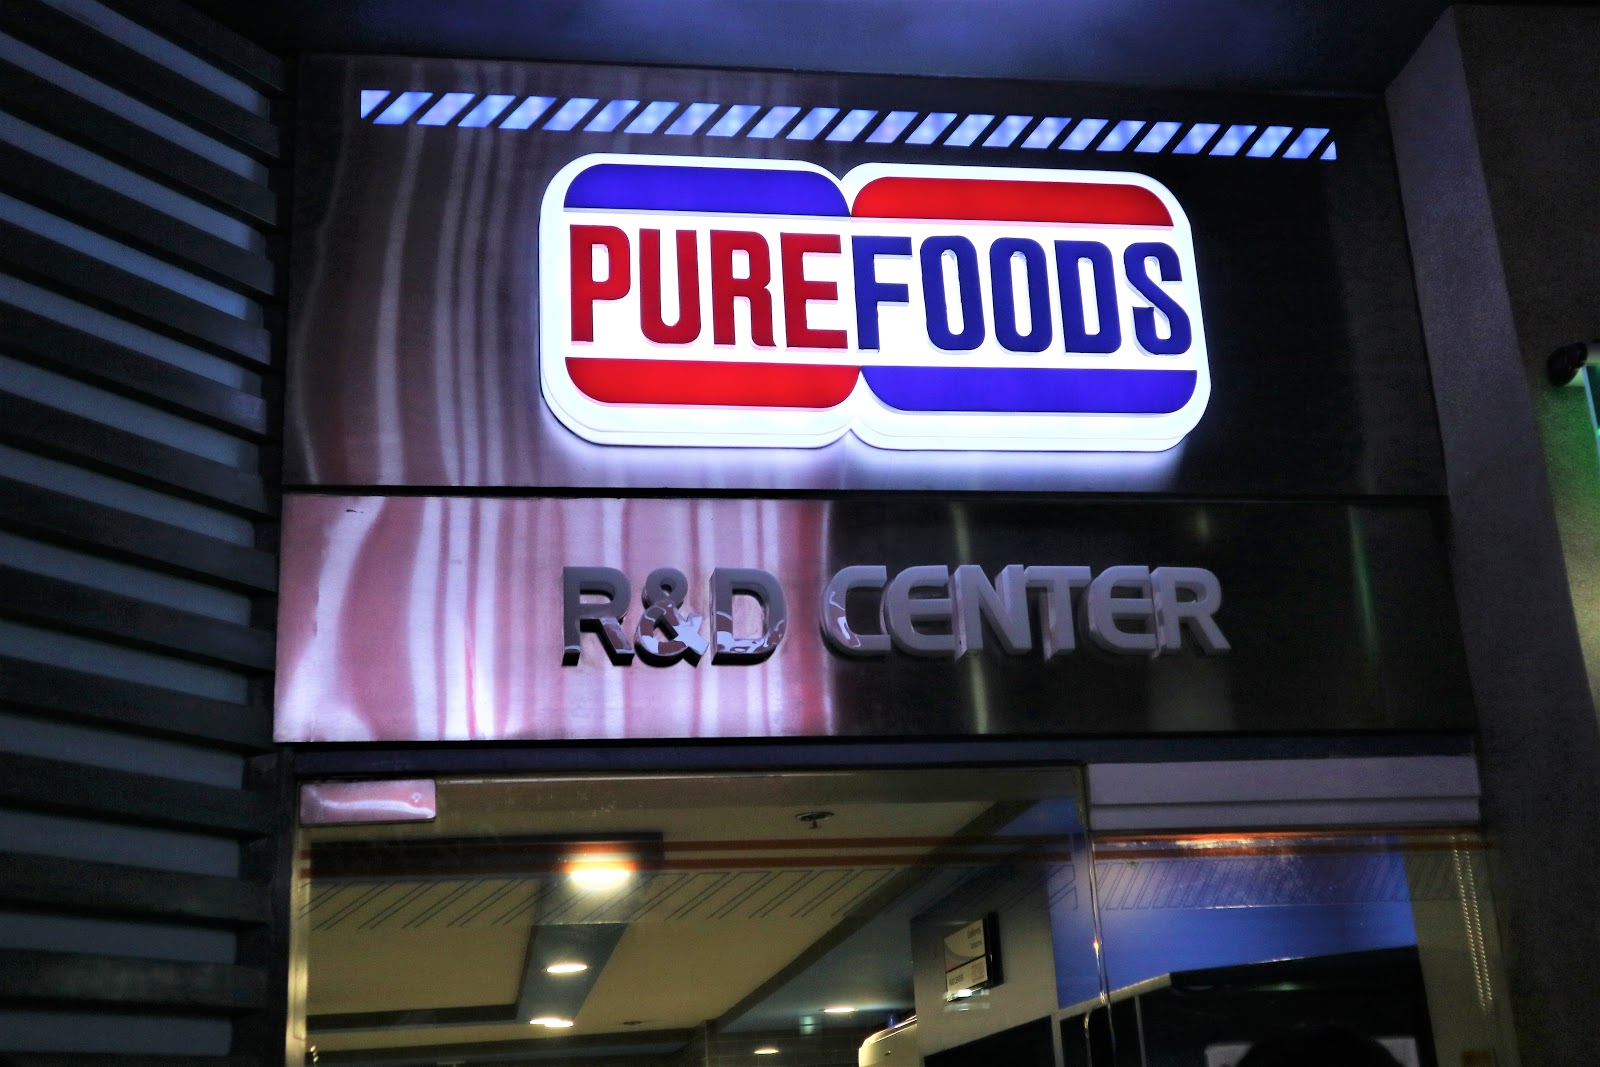 Purefoods R&D Center in KidZania Manila